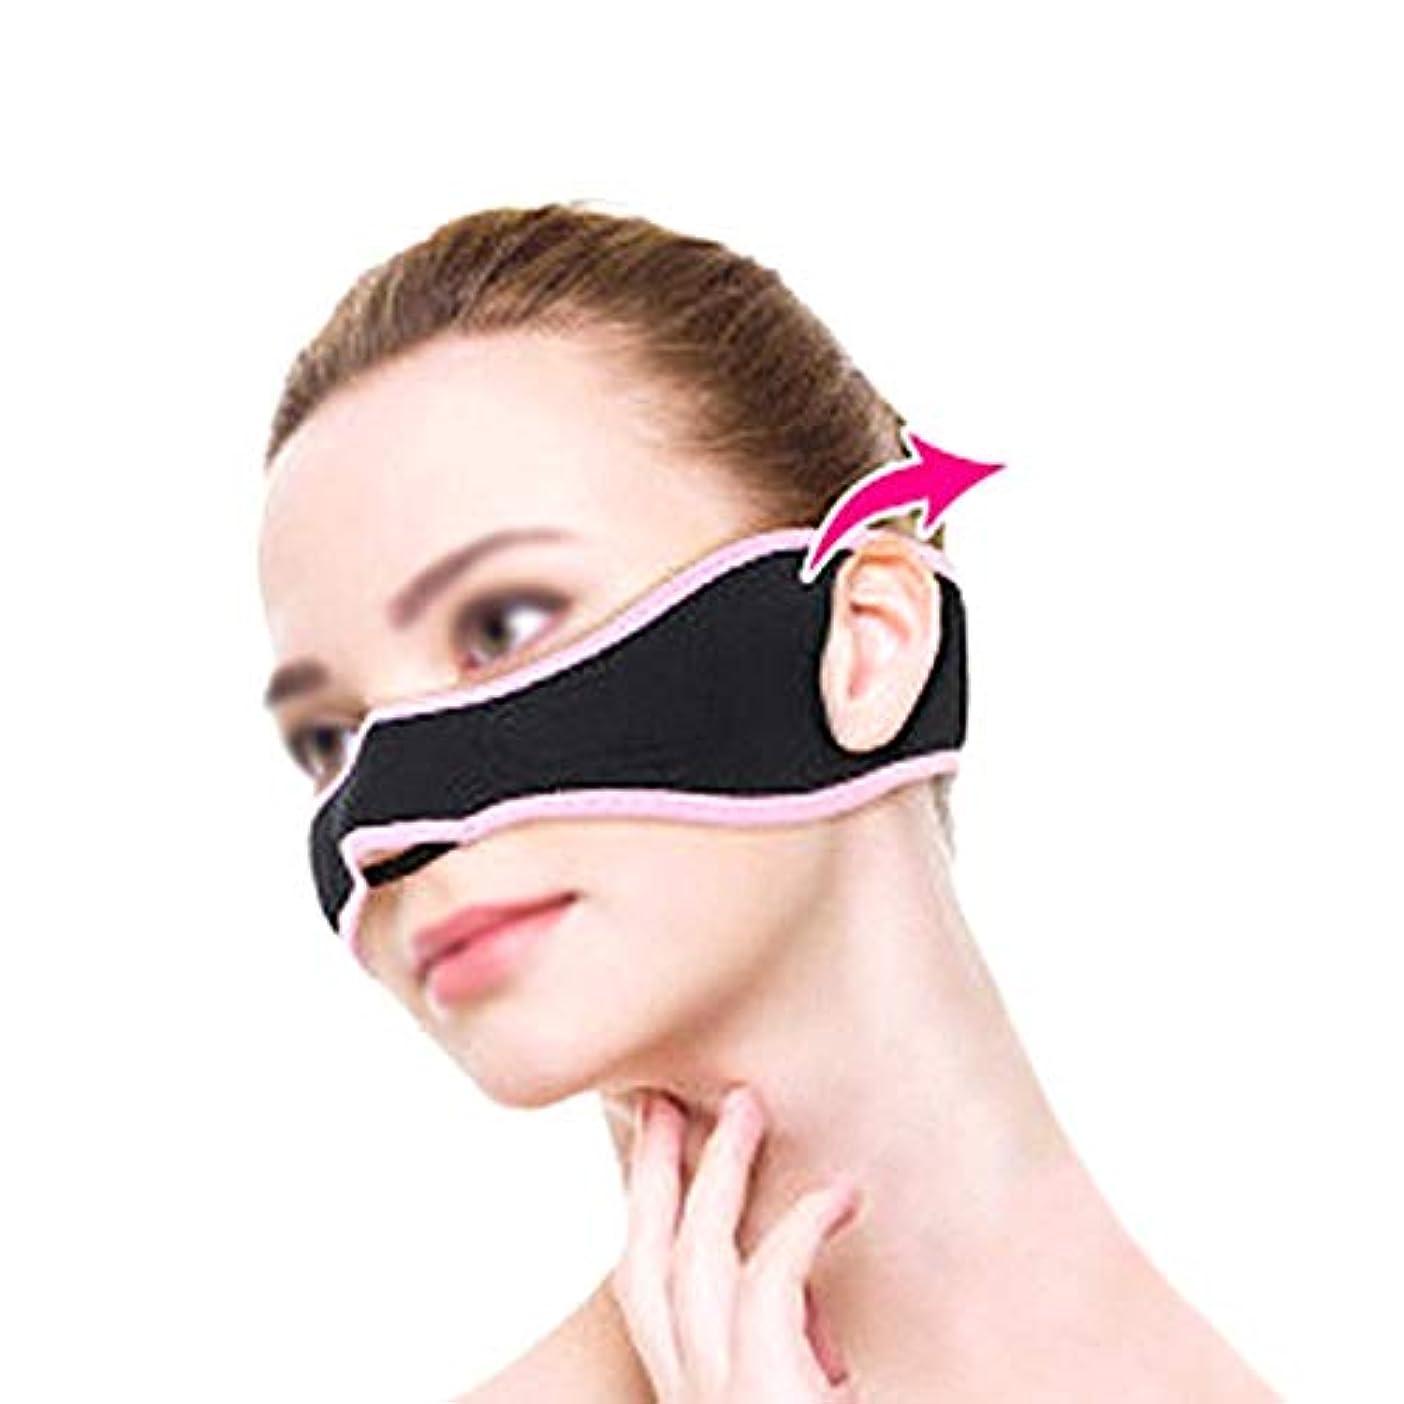 コンソール肉の民主主義XHLMRMJ フェイスリフティングマスク、チークリフトアップマスク、薄くて薄い顔、顔の筋肉を引き締めて持ち上げ、持ち運びが簡単で、男性と女性の両方が使用できます